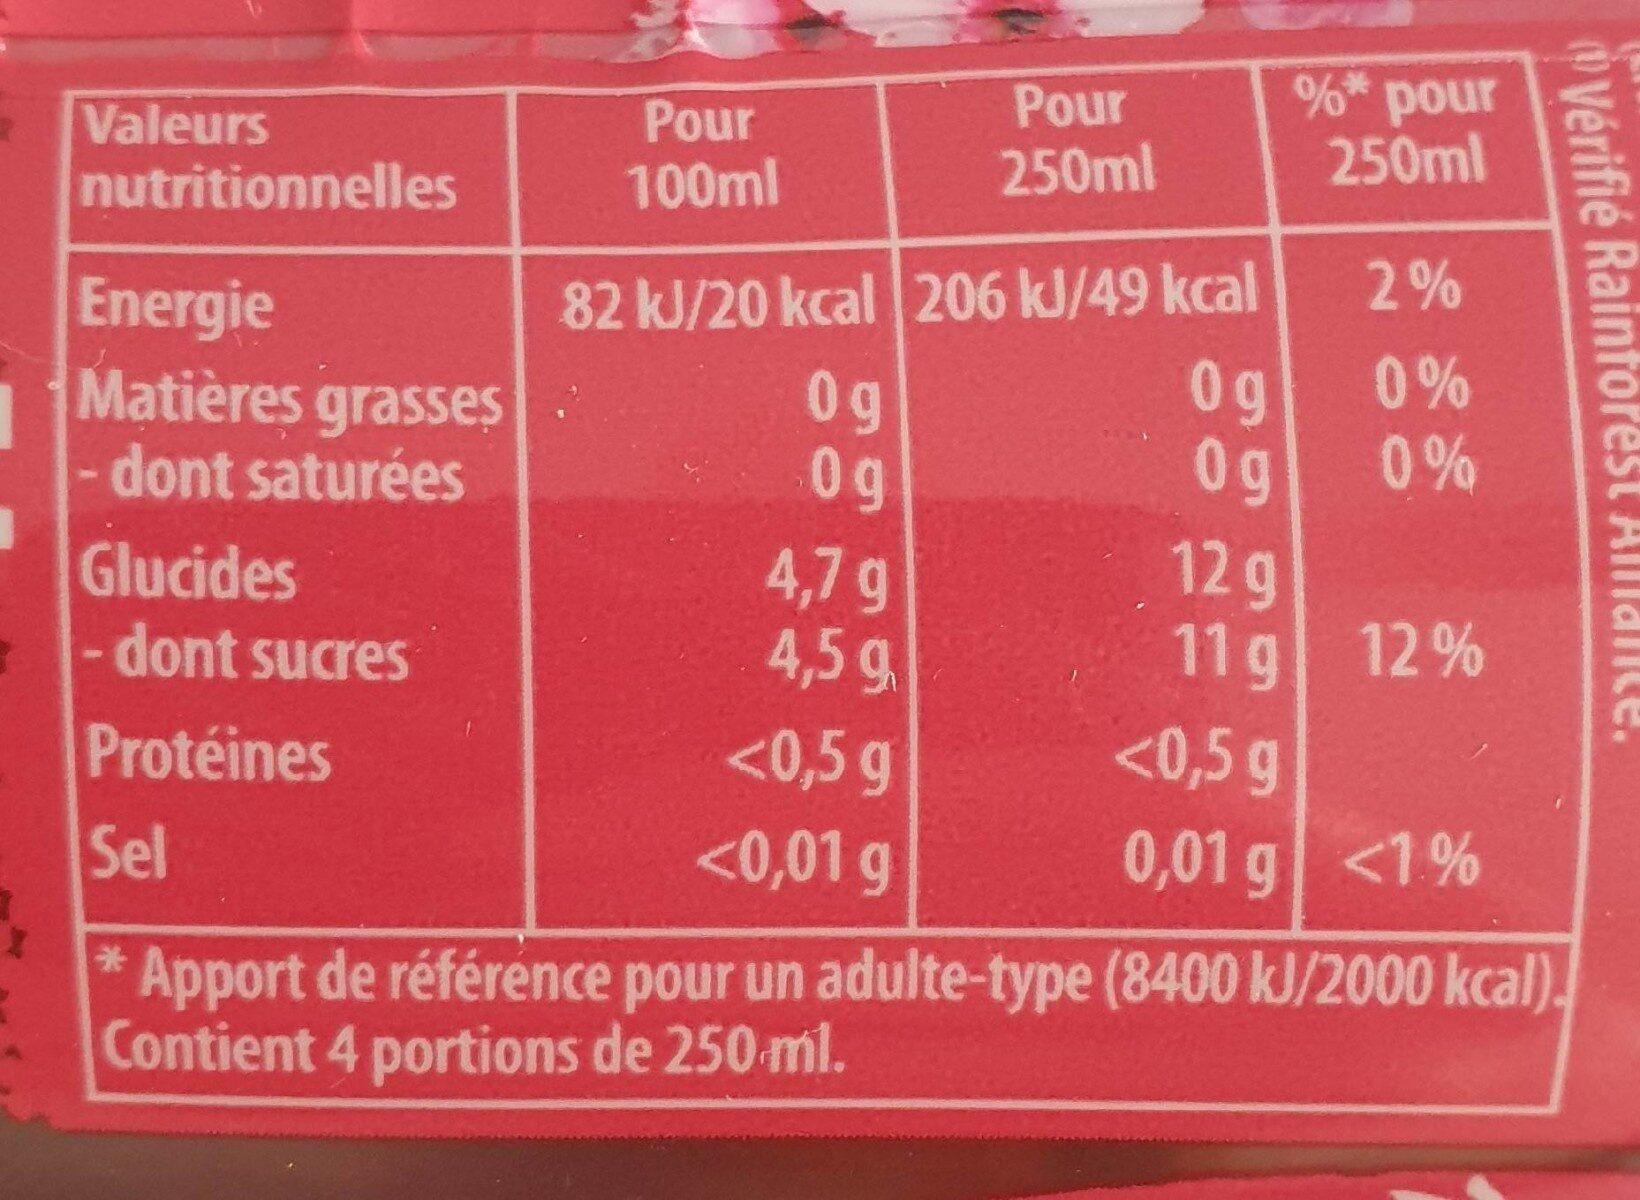 Ice Tea - Framboise et fleur de cerisier - Informations nutritionnelles - fr